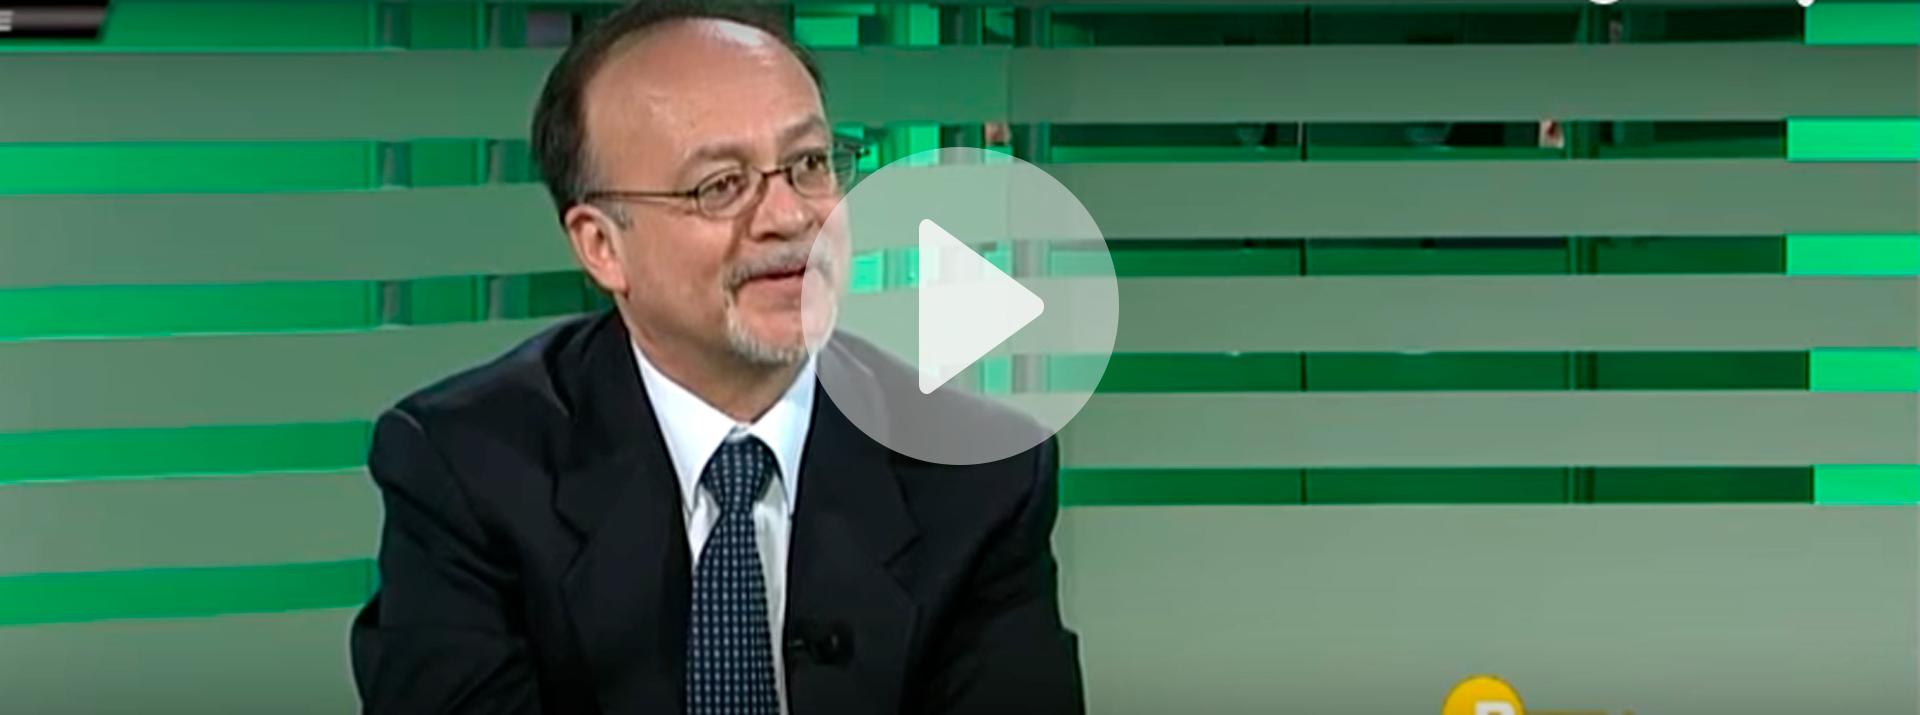 Intervista al Dr. Antonio Gil